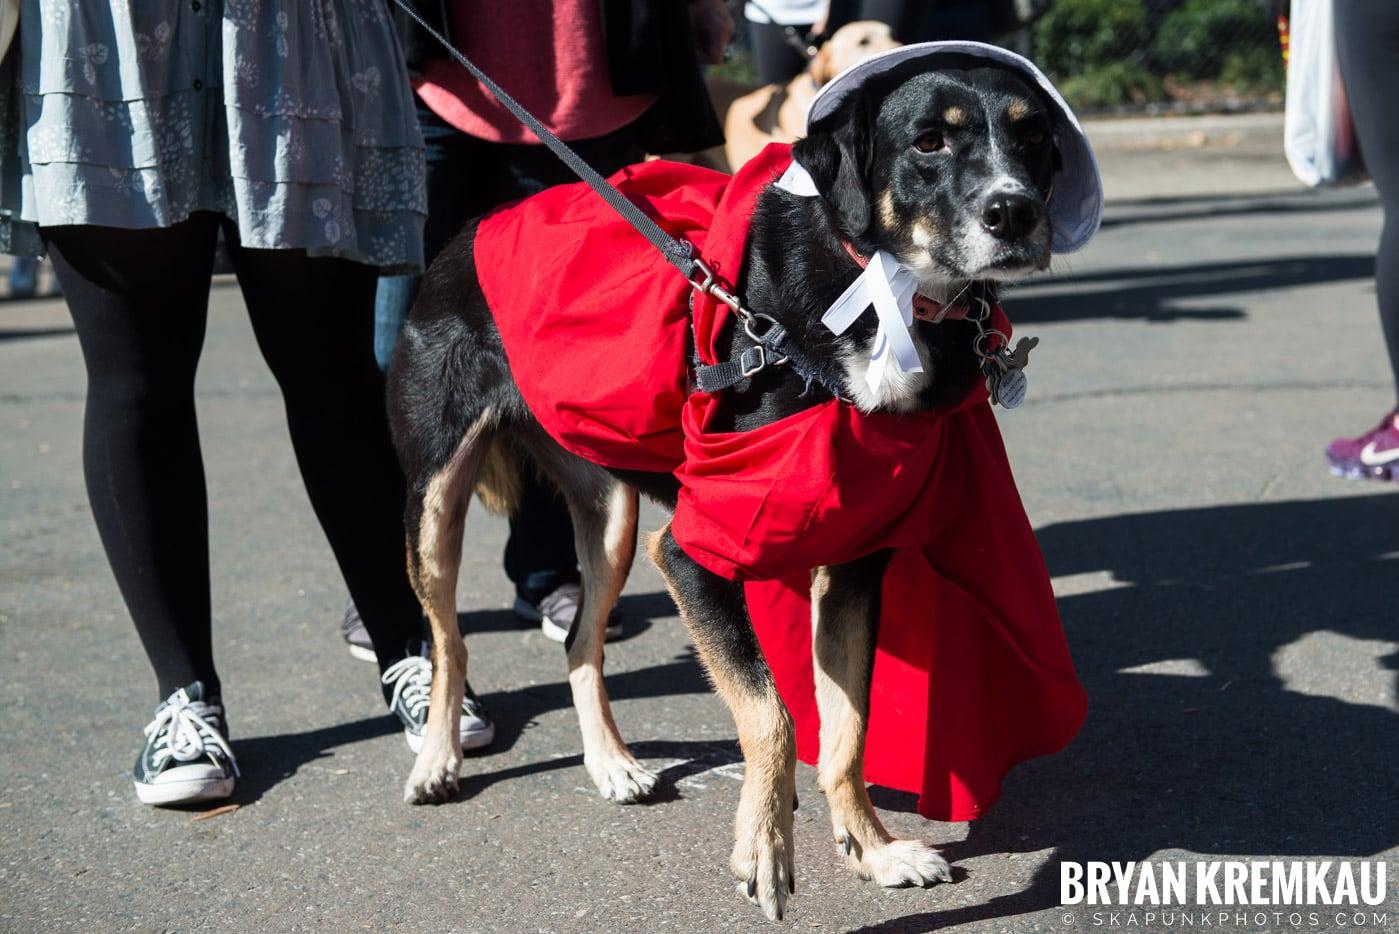 Tompkins Square Park Halloween Dog Parade 2017 @ Tompkins Square Park, NYC - 10.21.17 (19)